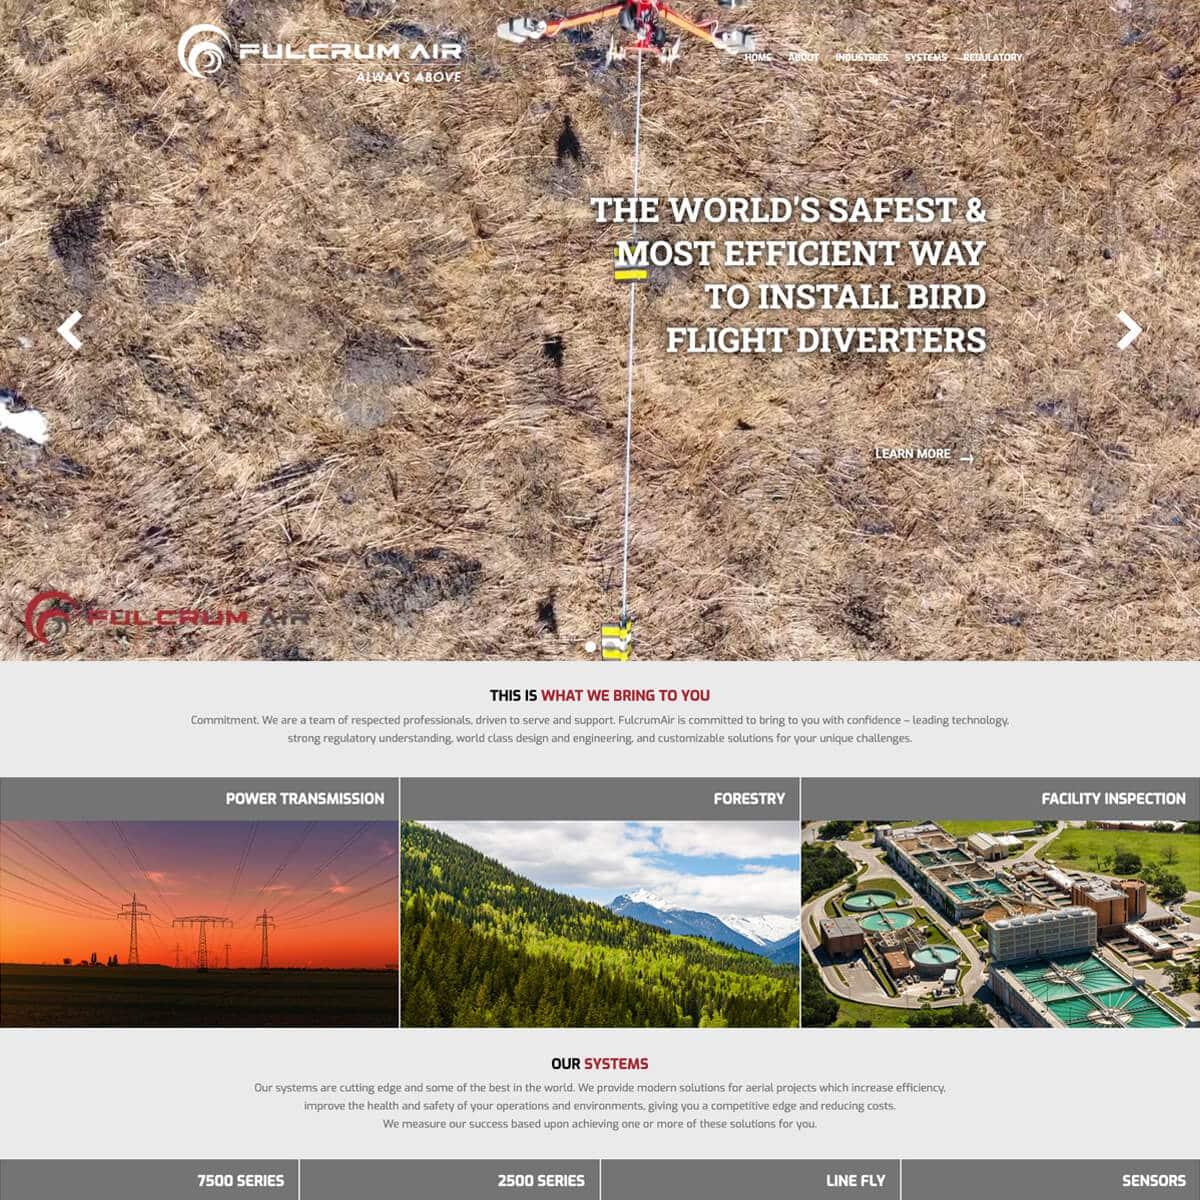 wwebsite-design-portfolio-before-fulcrum-air